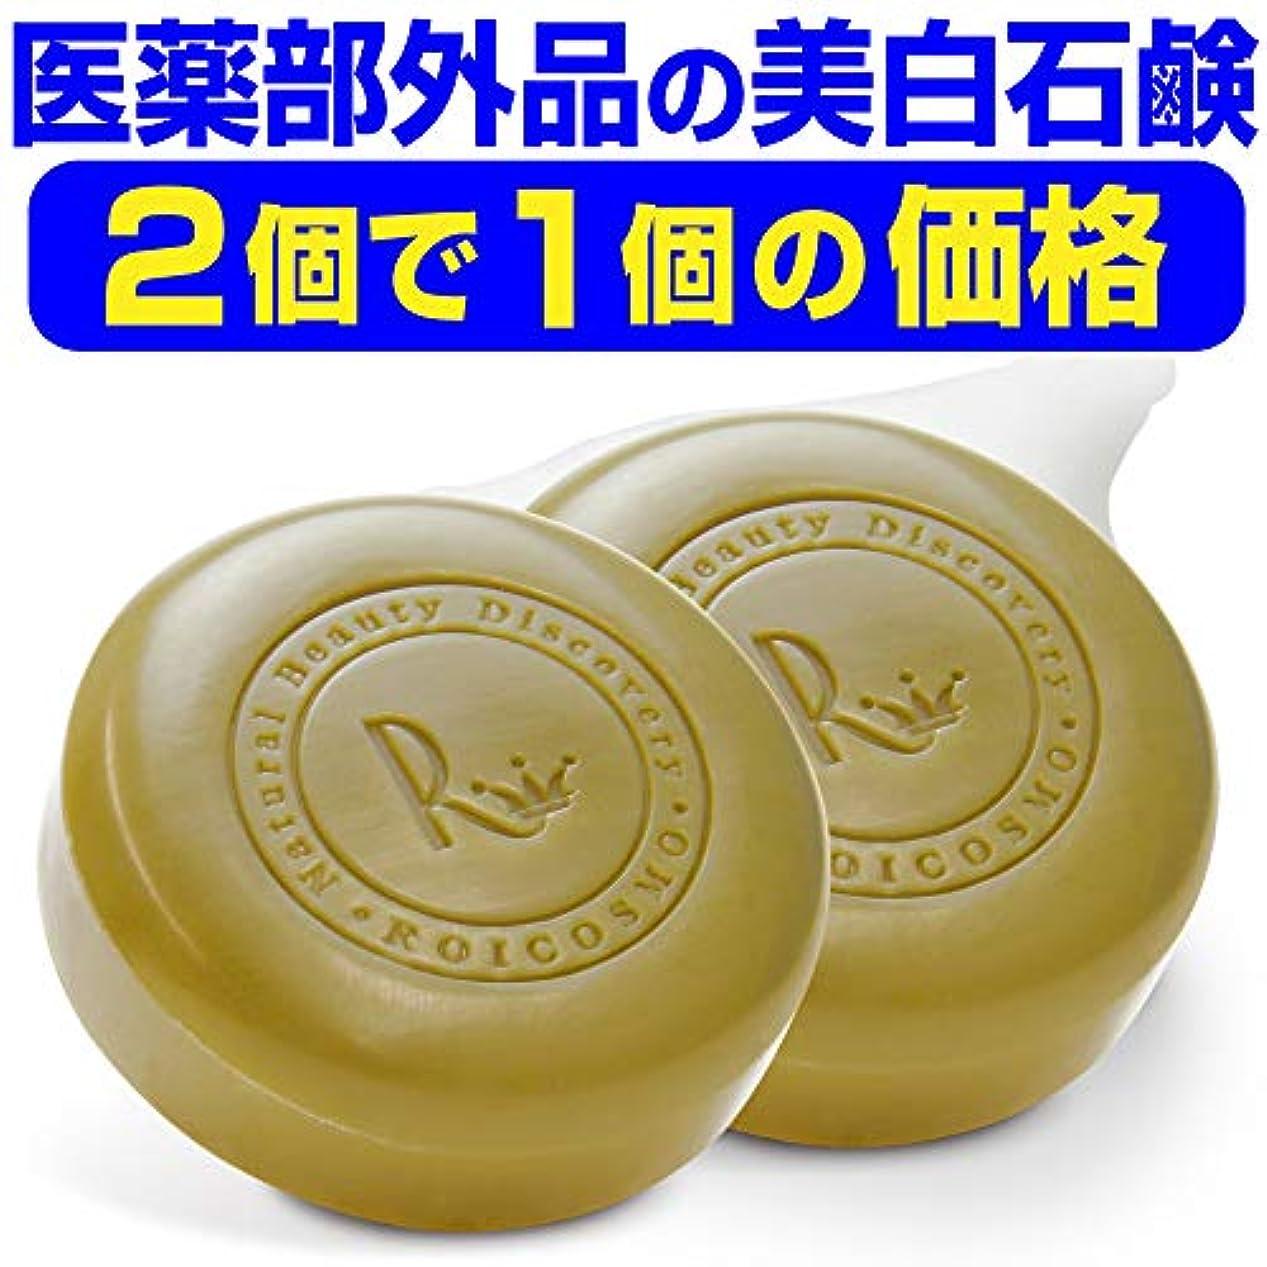 句極めてアラブ人2個まとめ買い9%OFF 美白石鹸/ビタミンC270倍の美白成分配合の 洗顔石鹸 固形『ホワイトソープ100g×2個』